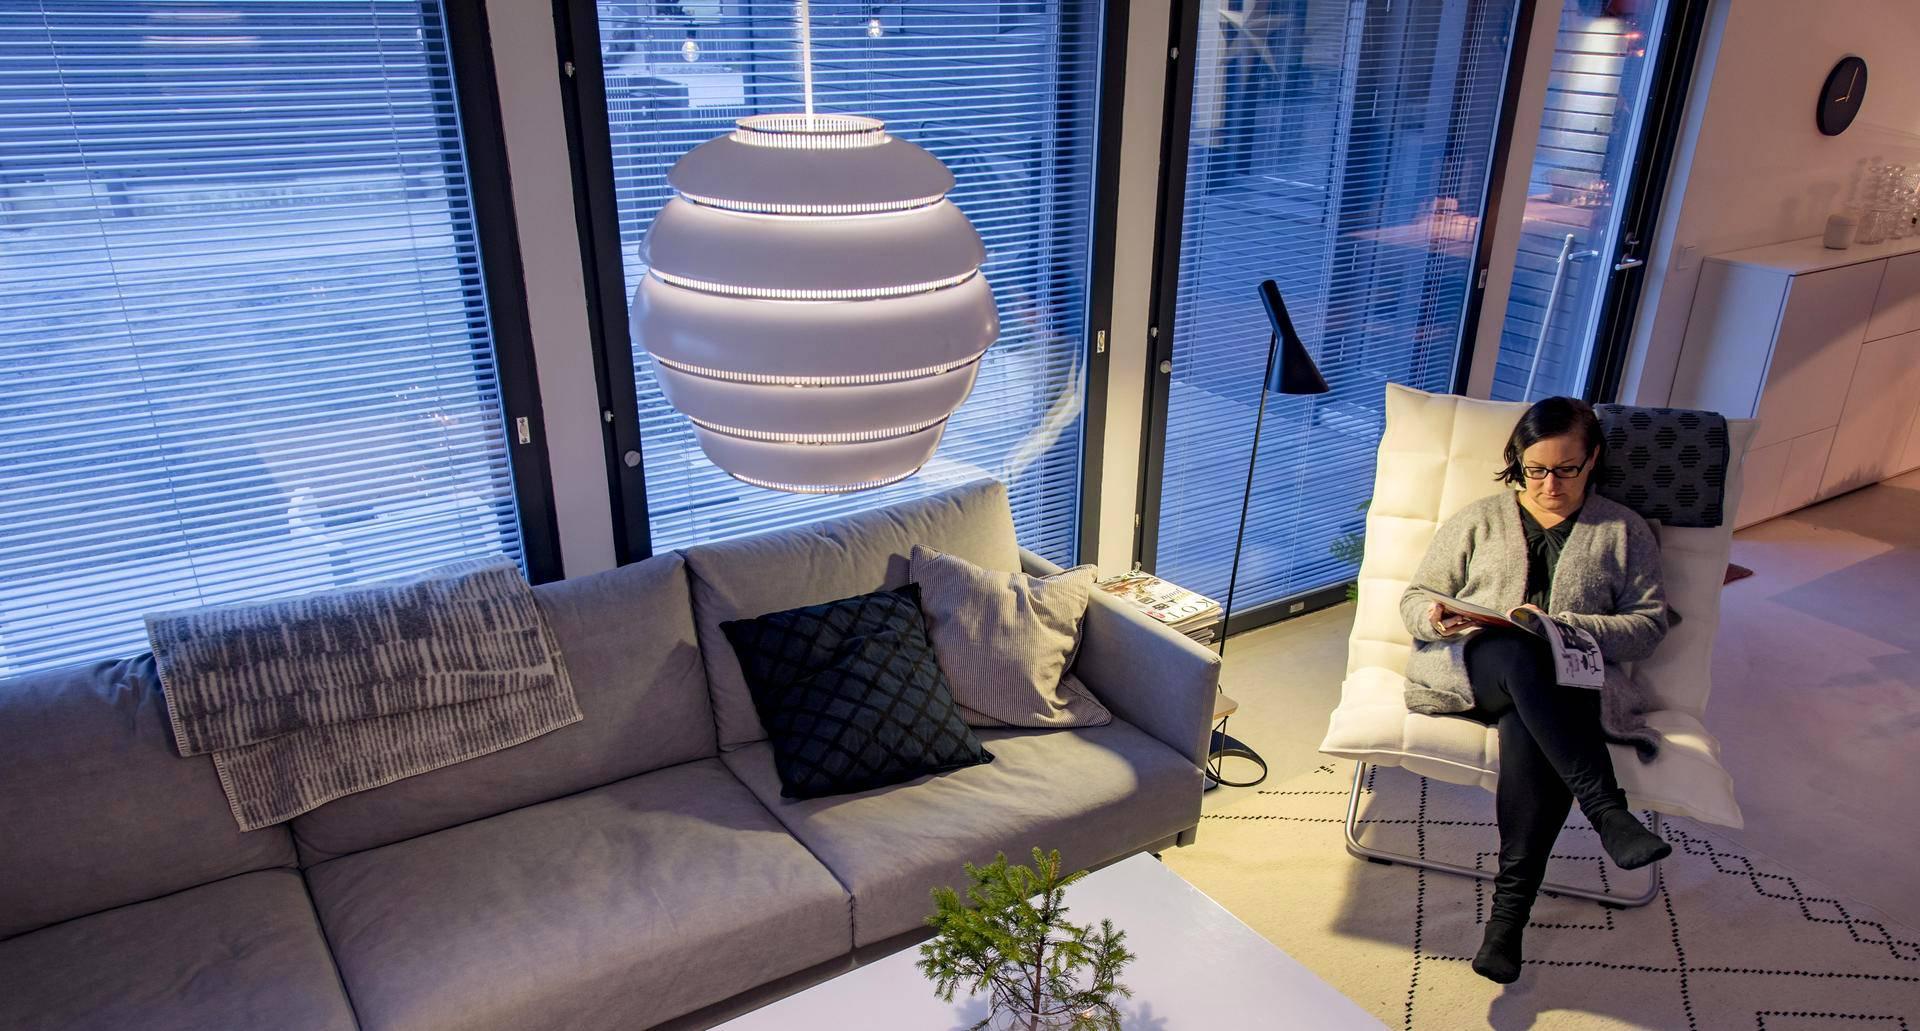 Studio Kalliomäen yrittäjä, sisustussuunnittelija Piia Kalliomäki suosii kodissaan klassikkovalaisimia. Olohuoneen kattovalaisin on Artekin A331, joka tunnetaan myös nimellä Mehiläispesä.